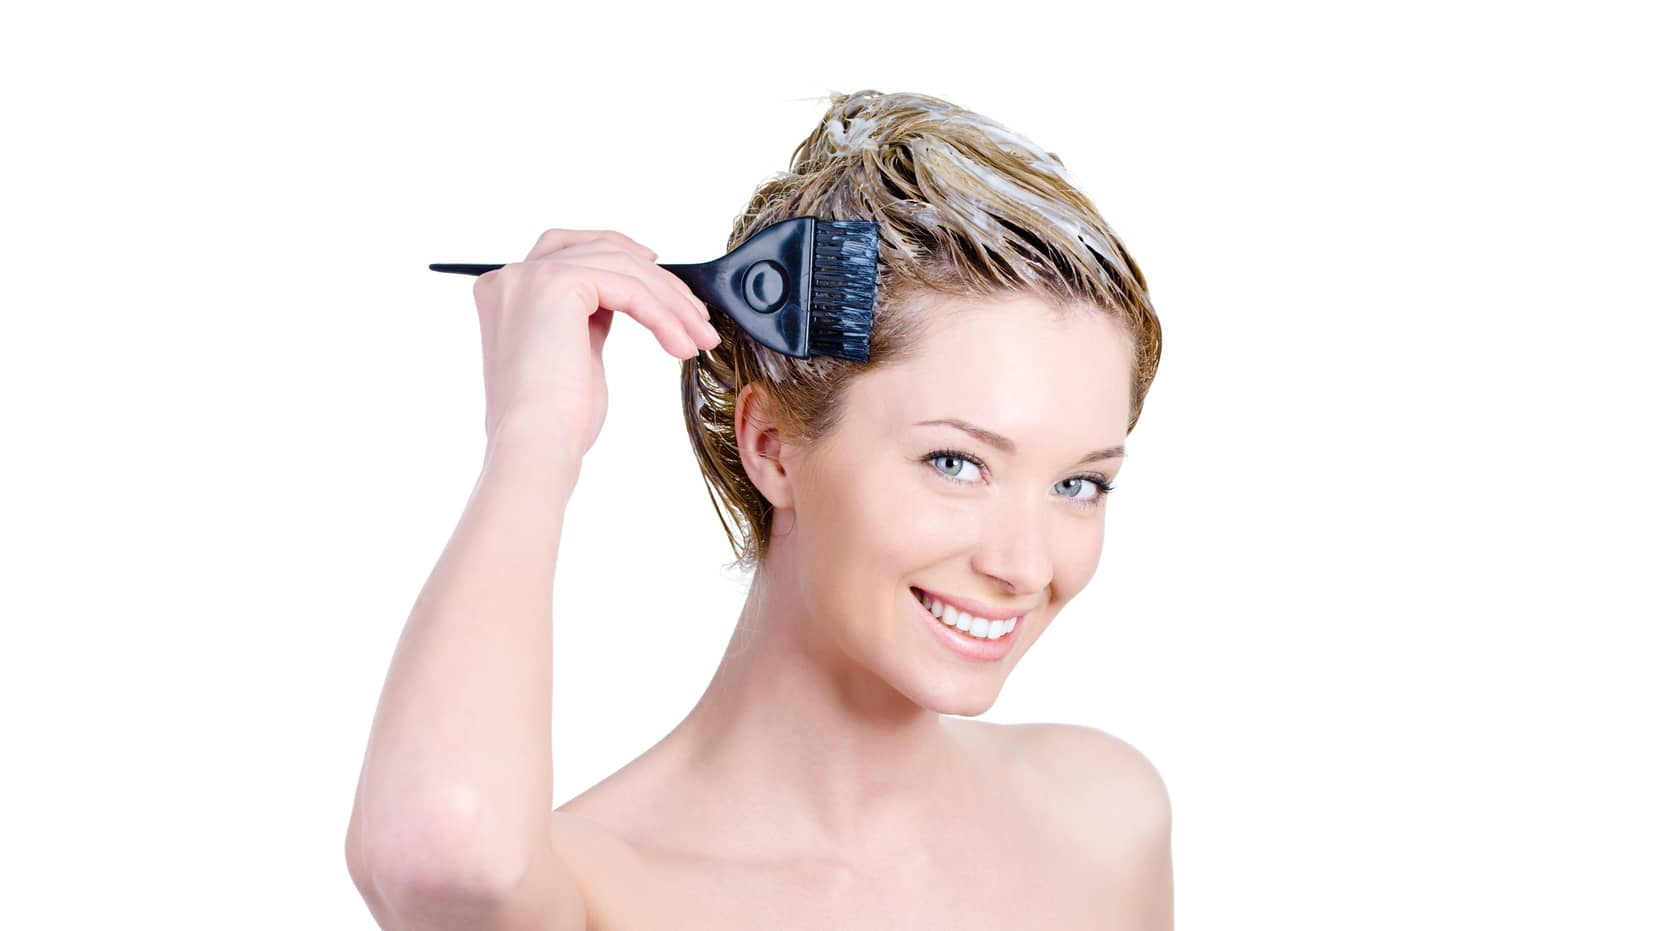 Для того, чтобы эффект маски для волос был более результативным, необходимо соблюдать определенные правила при ее применении